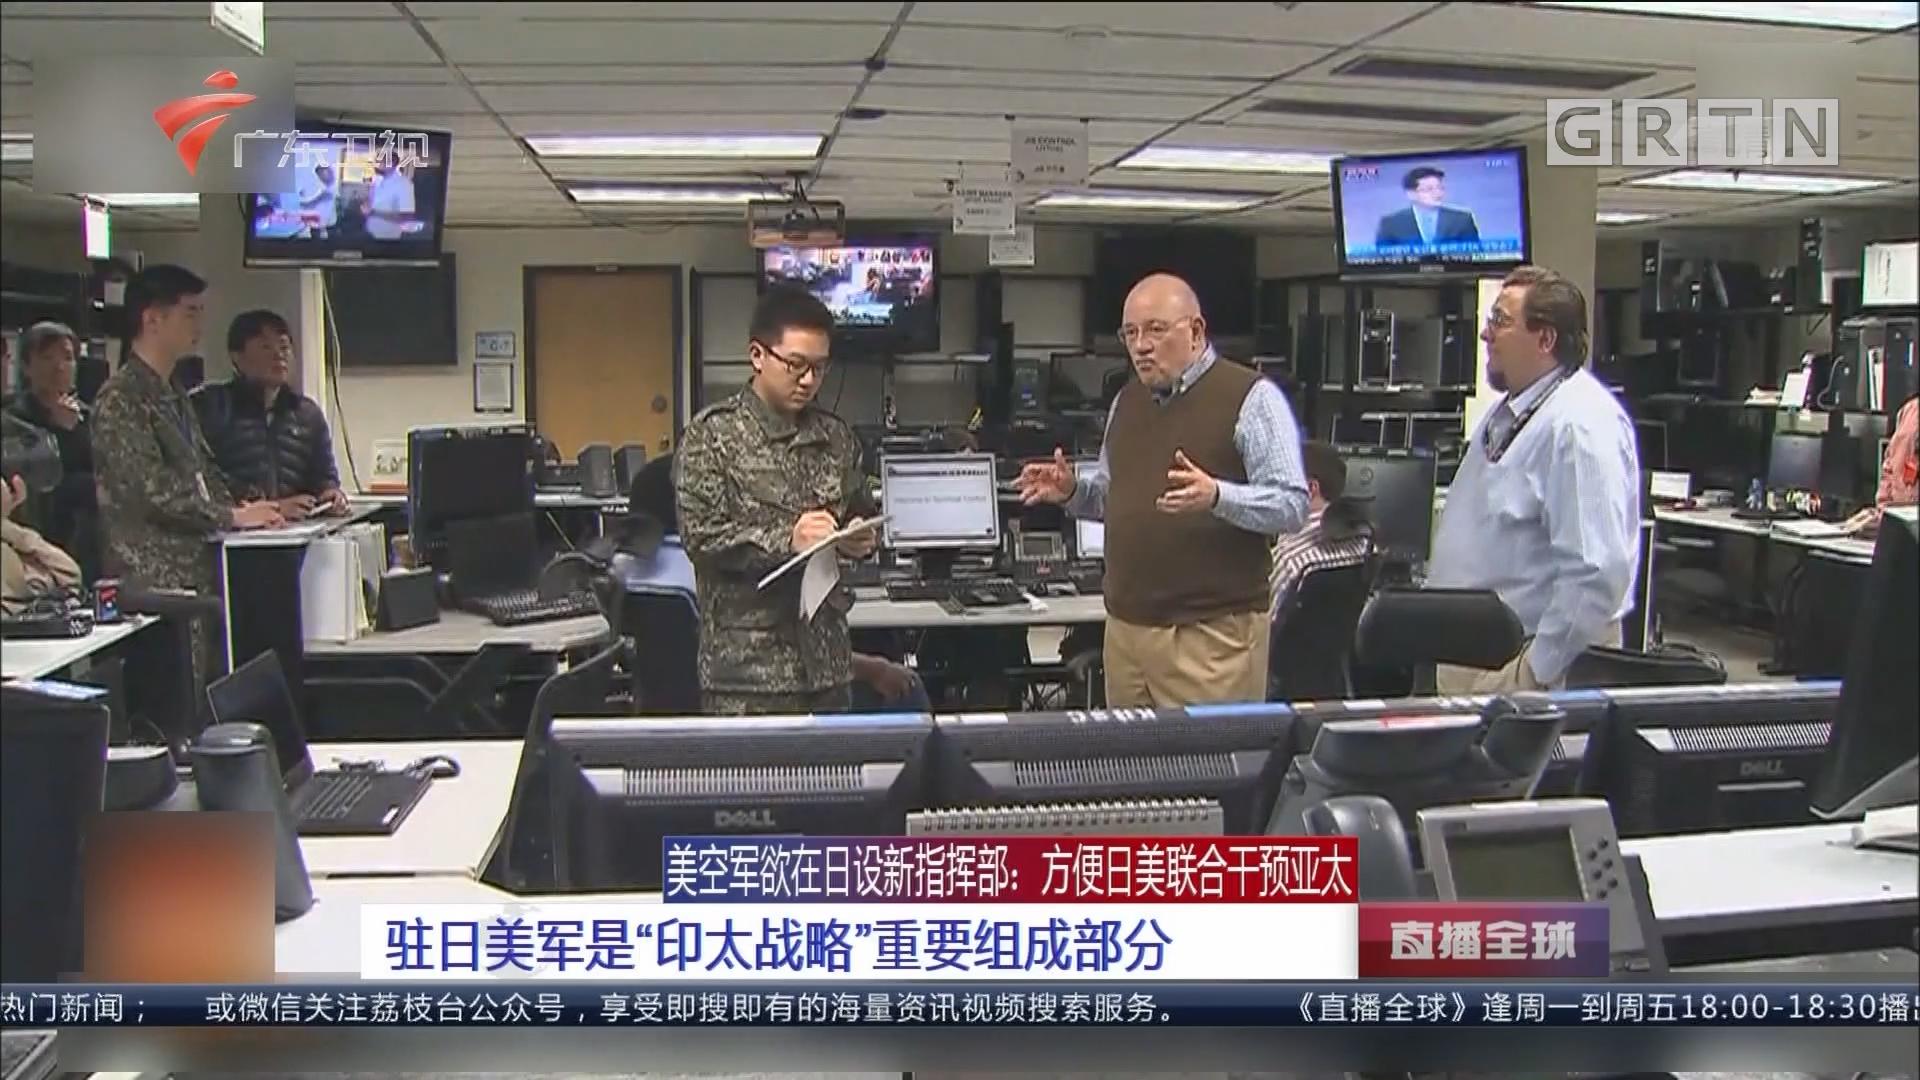 """美空军欲在日设新指挥部:方便日美联合干预亚太 驻日美军是""""印太战略""""重要组成部分"""